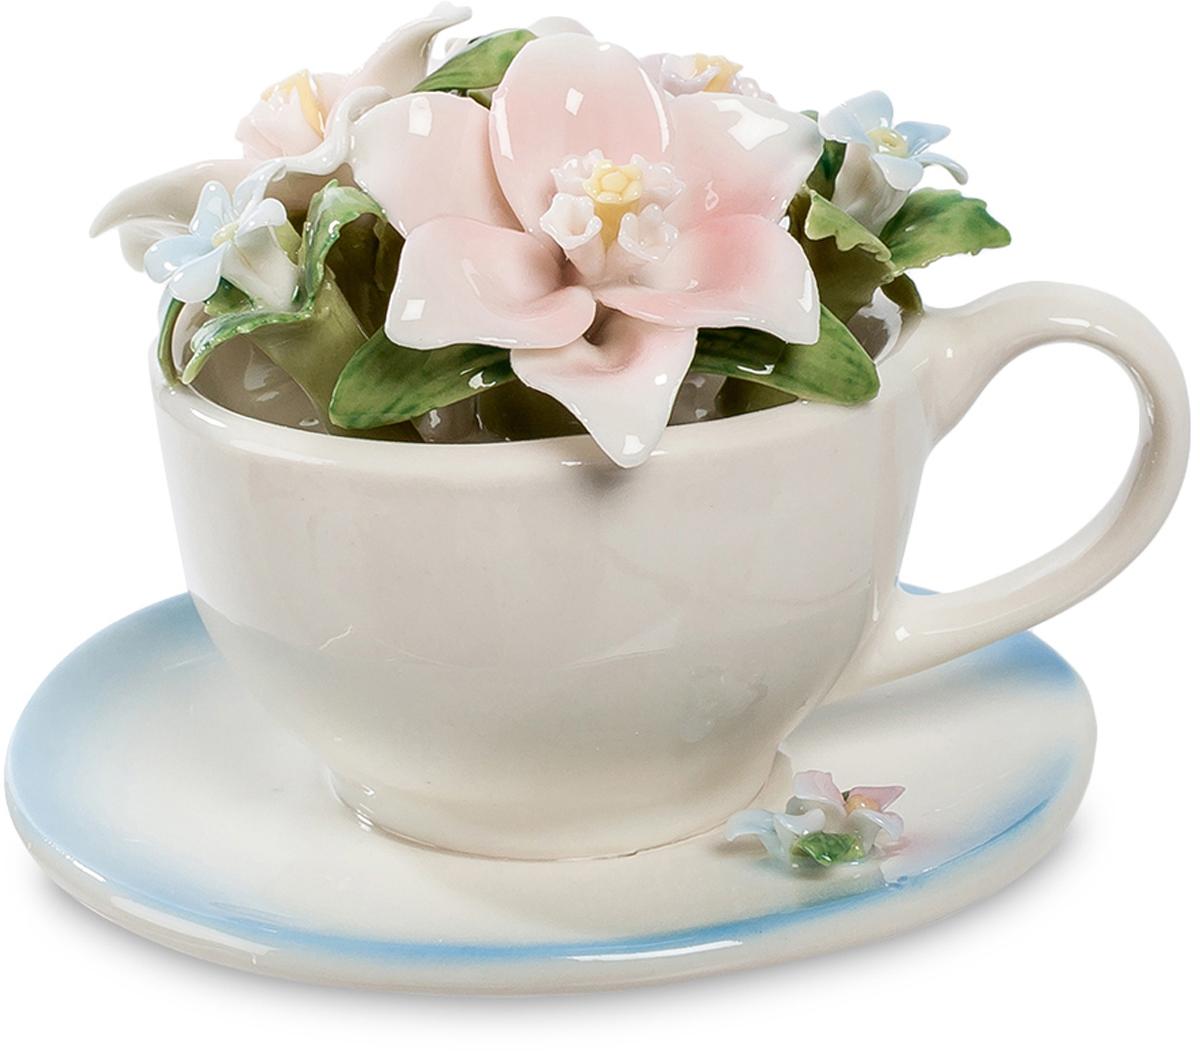 Композиция Pavone Чаша. Весенние цветы. CMS-33/40CMS-33/40Композиция чаша Весенние цветы (Pavone)